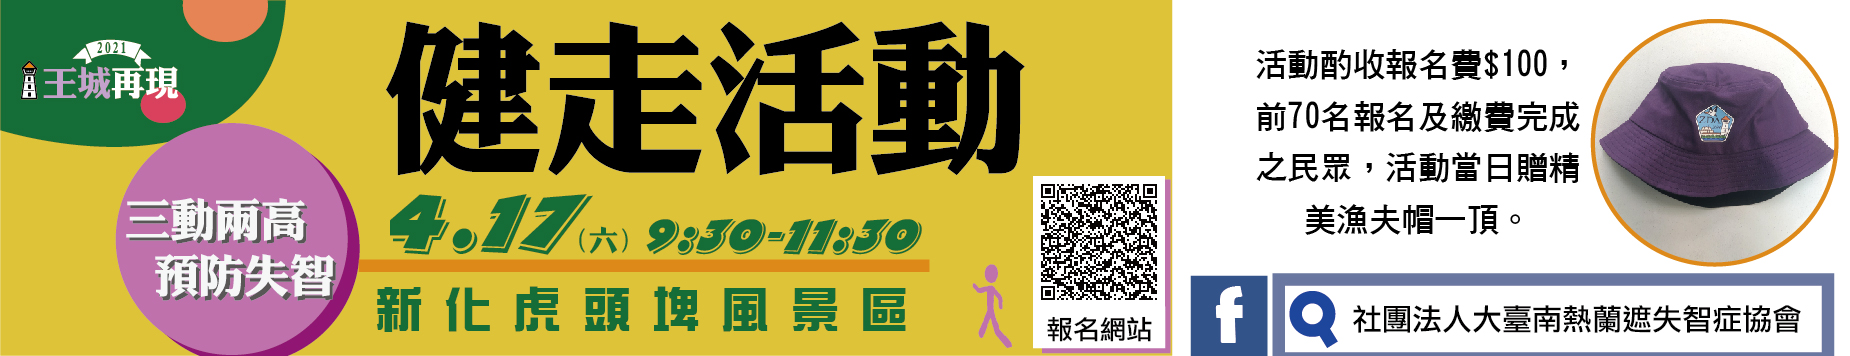 0417虎頭埤健走_工作區域 1.jpg